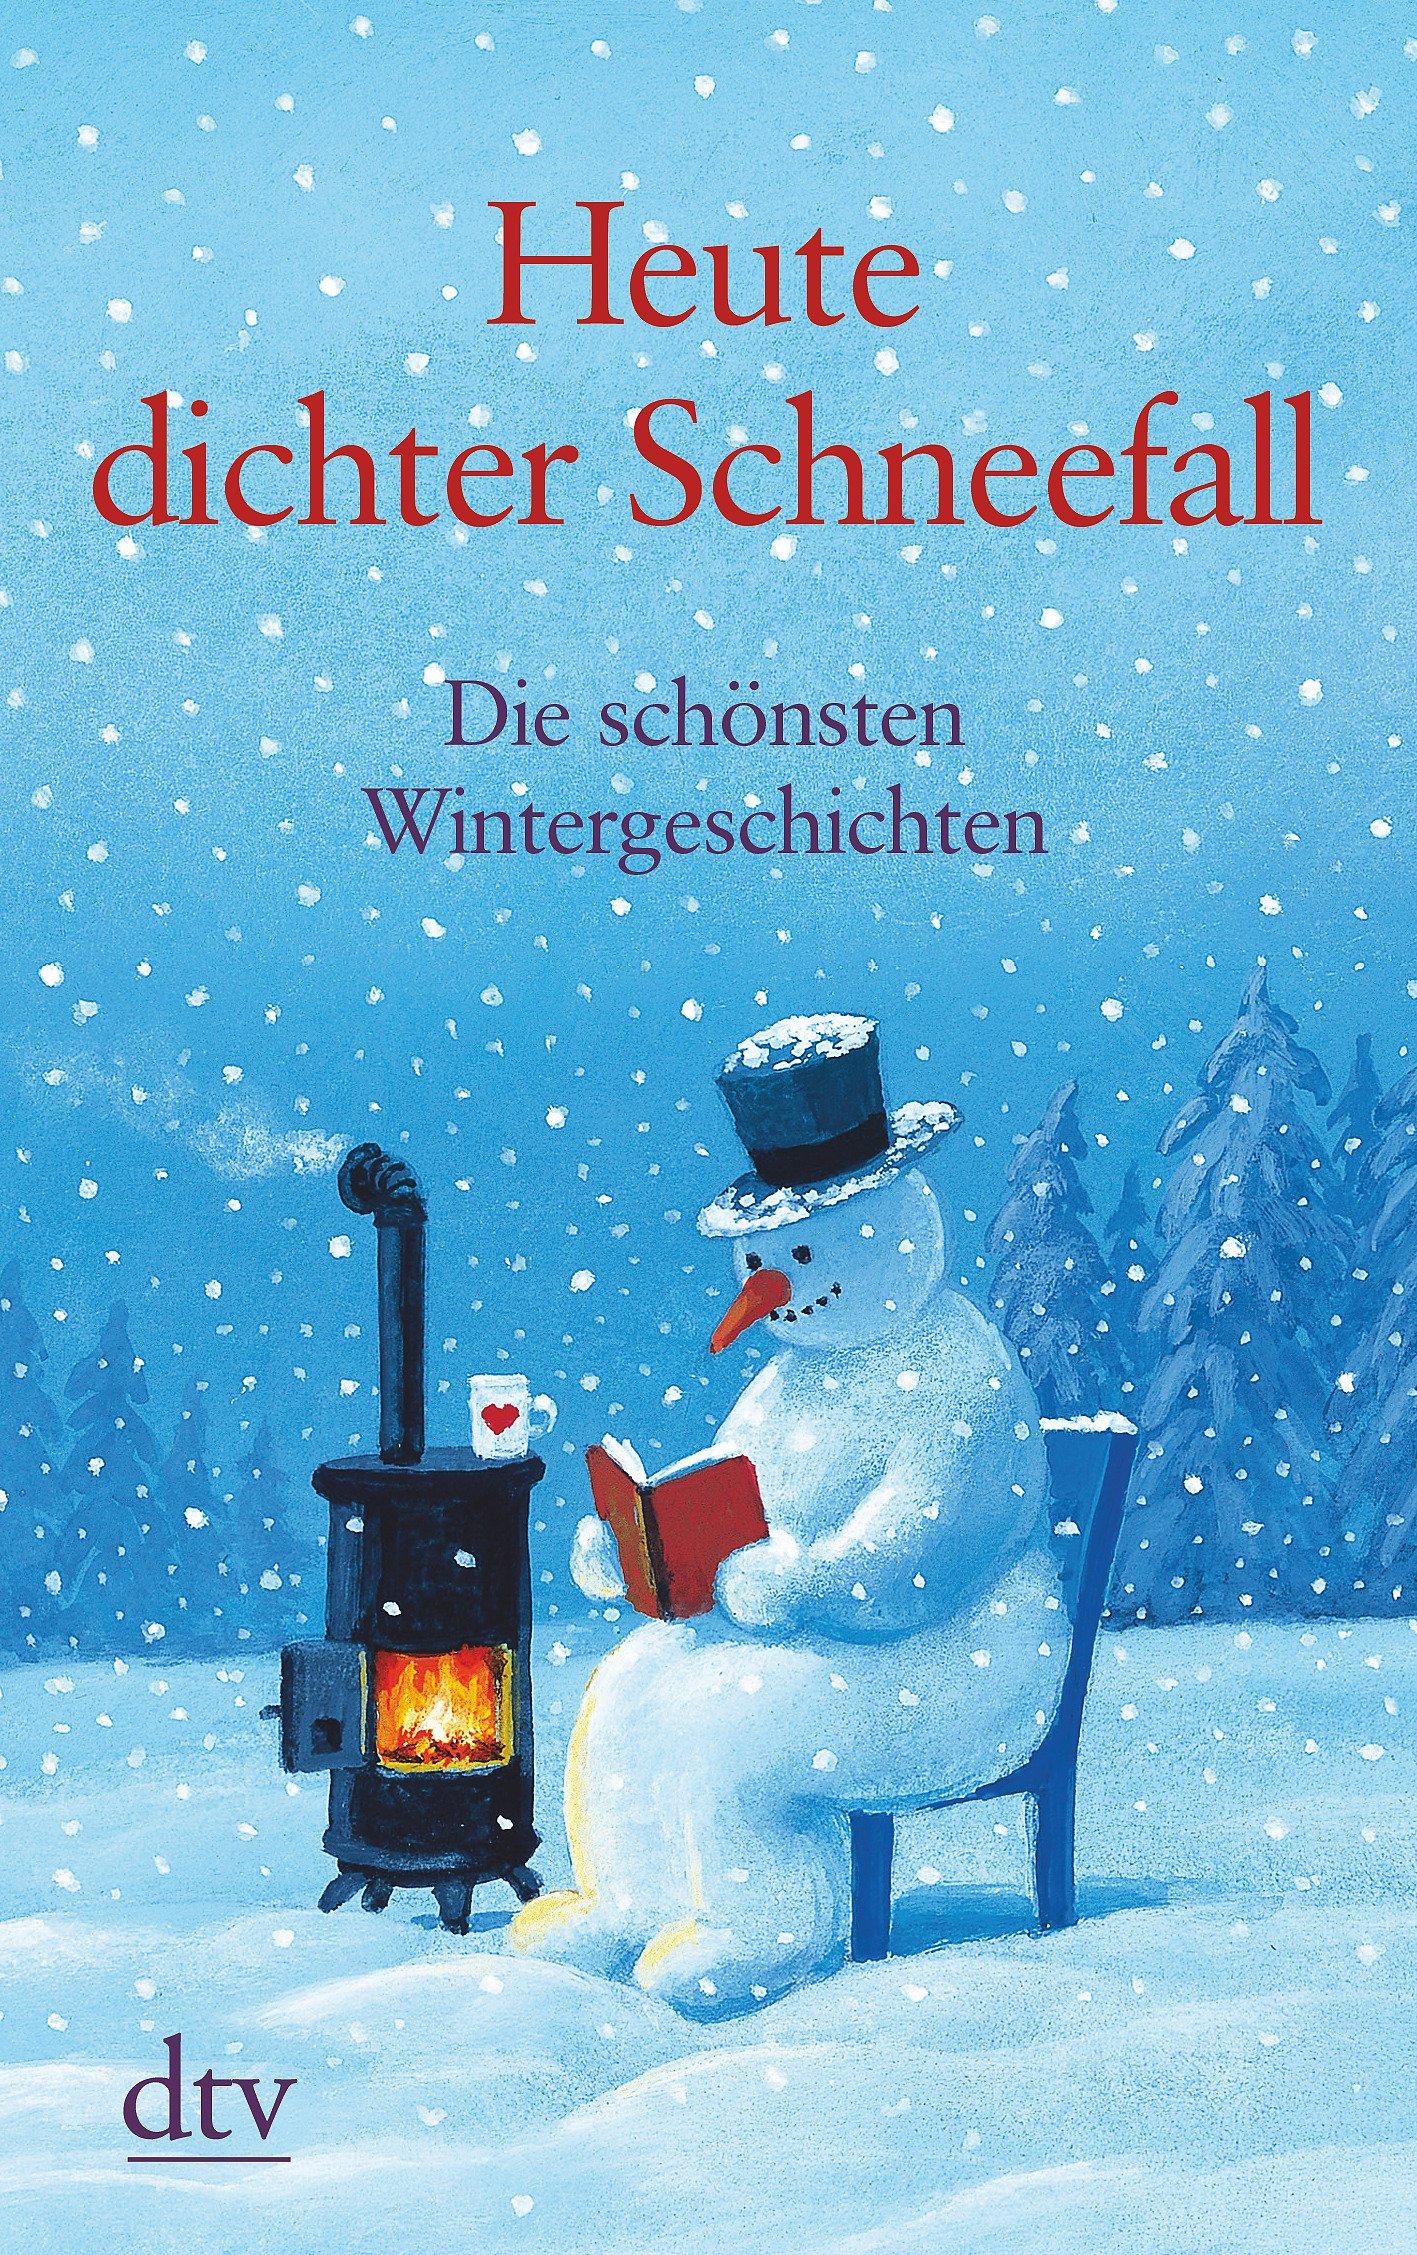 Heute dichter Schneefall: Die schönsten Wintergeschichten (dtv großdruck)